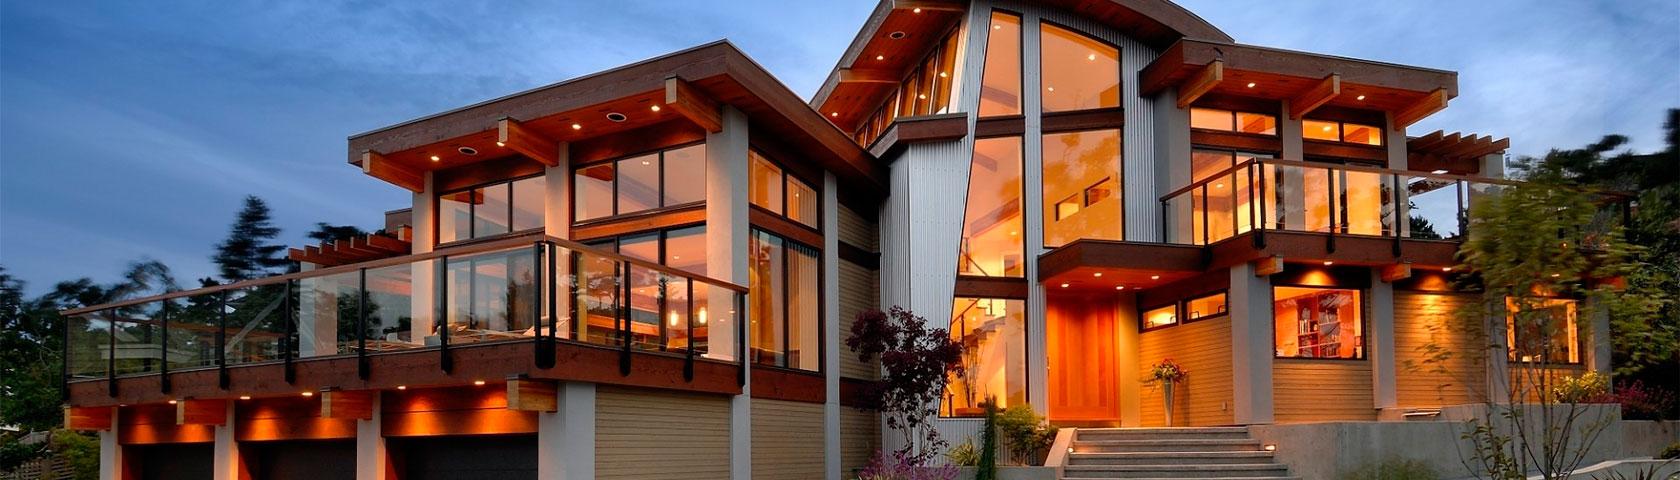 Ремонт - строительство, отделка квартир, офисов, коттеджей